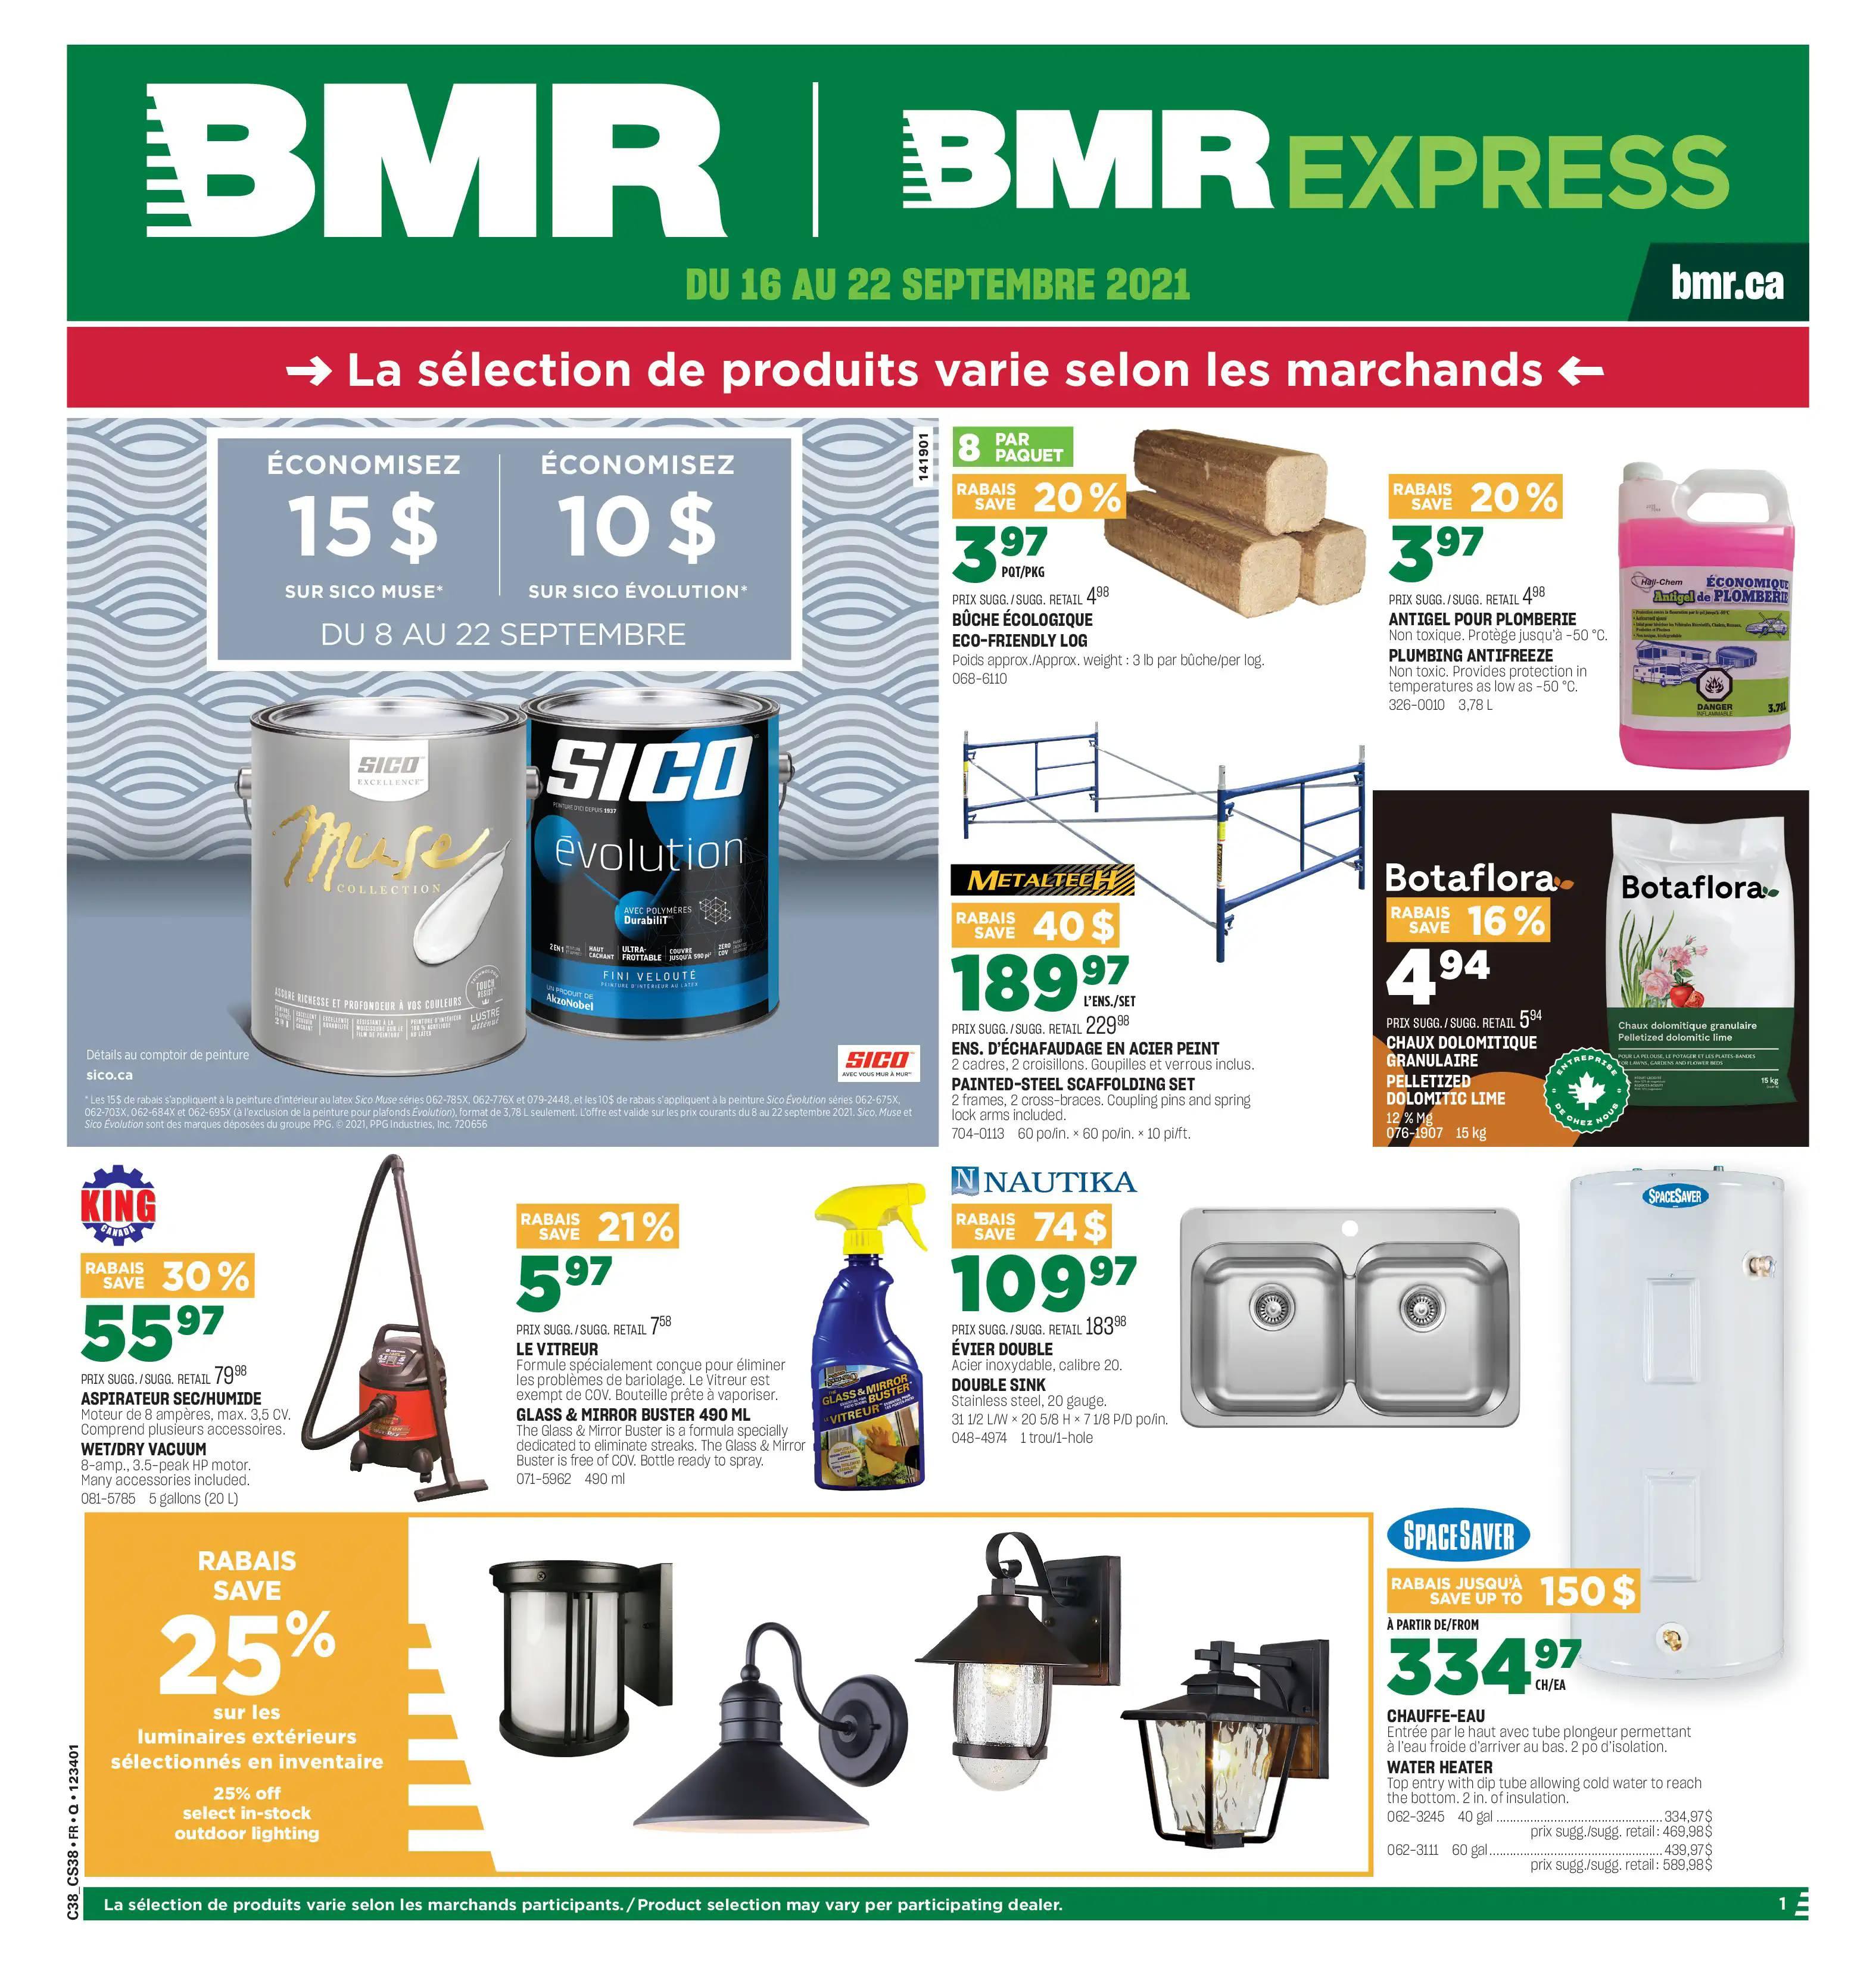 Circulaire BMR du 16 au 22 septembre 2021 - Page 1